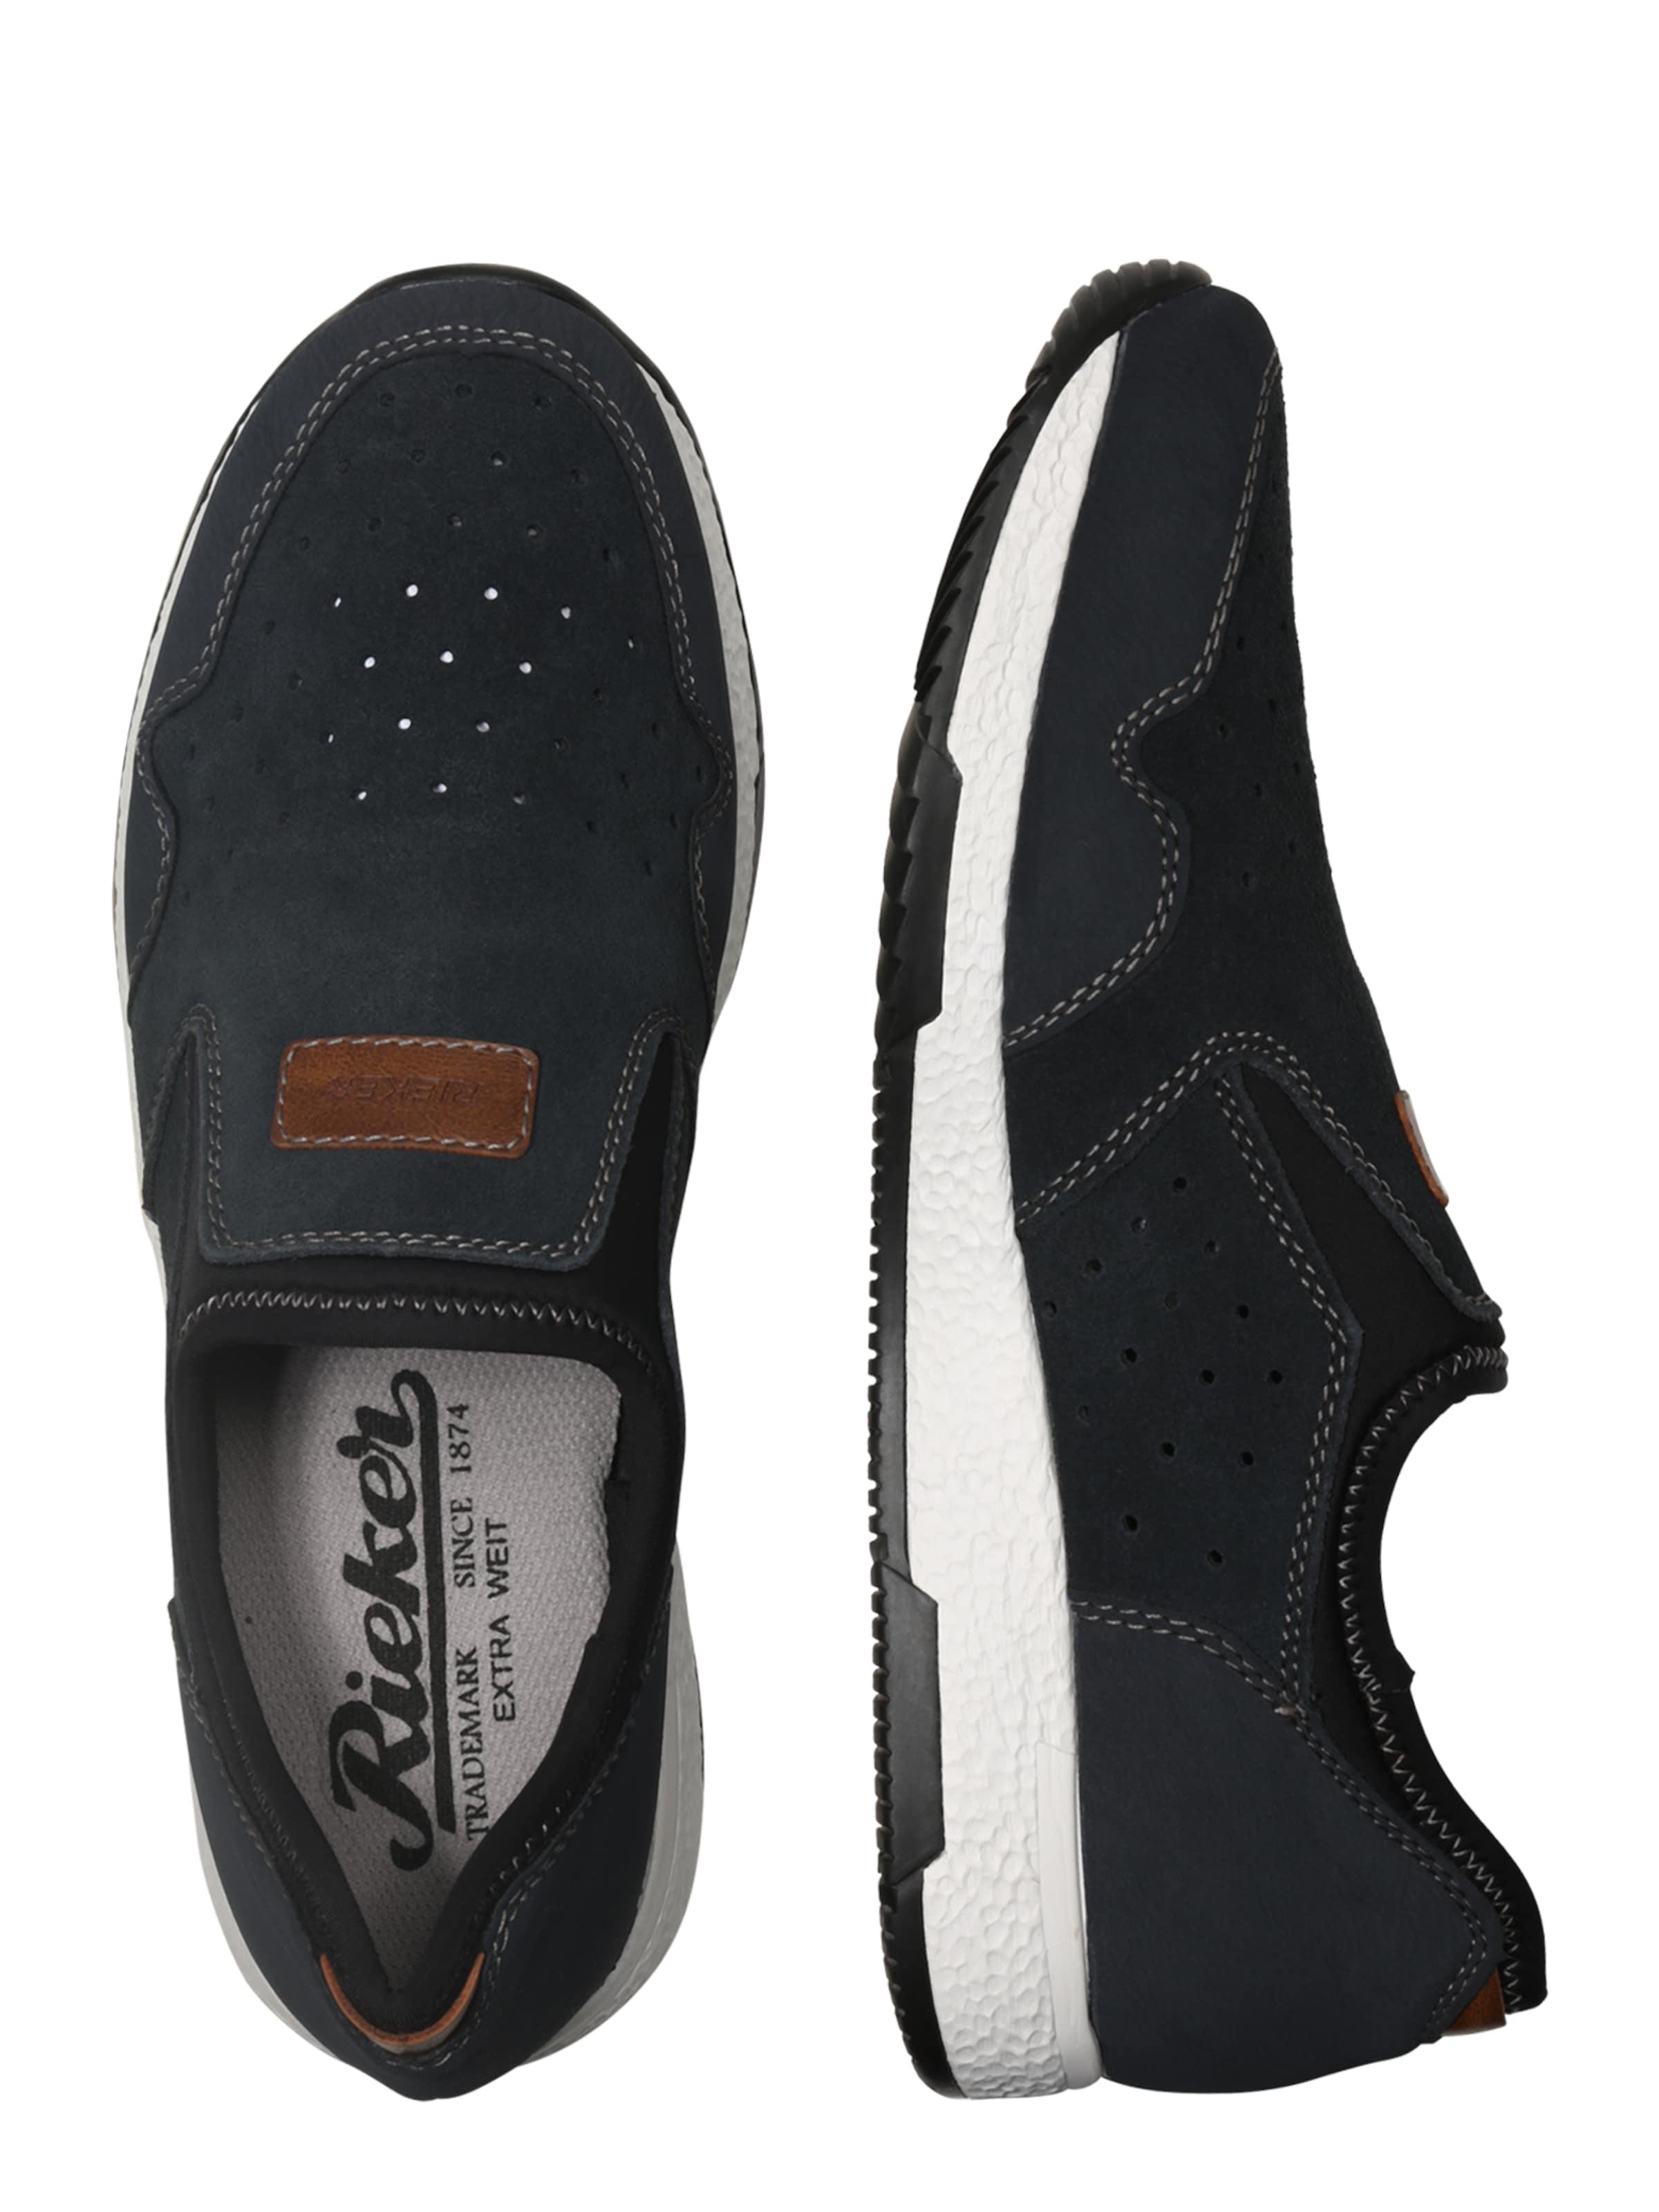 Rieker Rieker Sneaker BraunSchwarz Sneaker BraunSchwarz In Weiß Sneaker BraunSchwarz In In Weiß Rieker Yb6mfg7Iyv